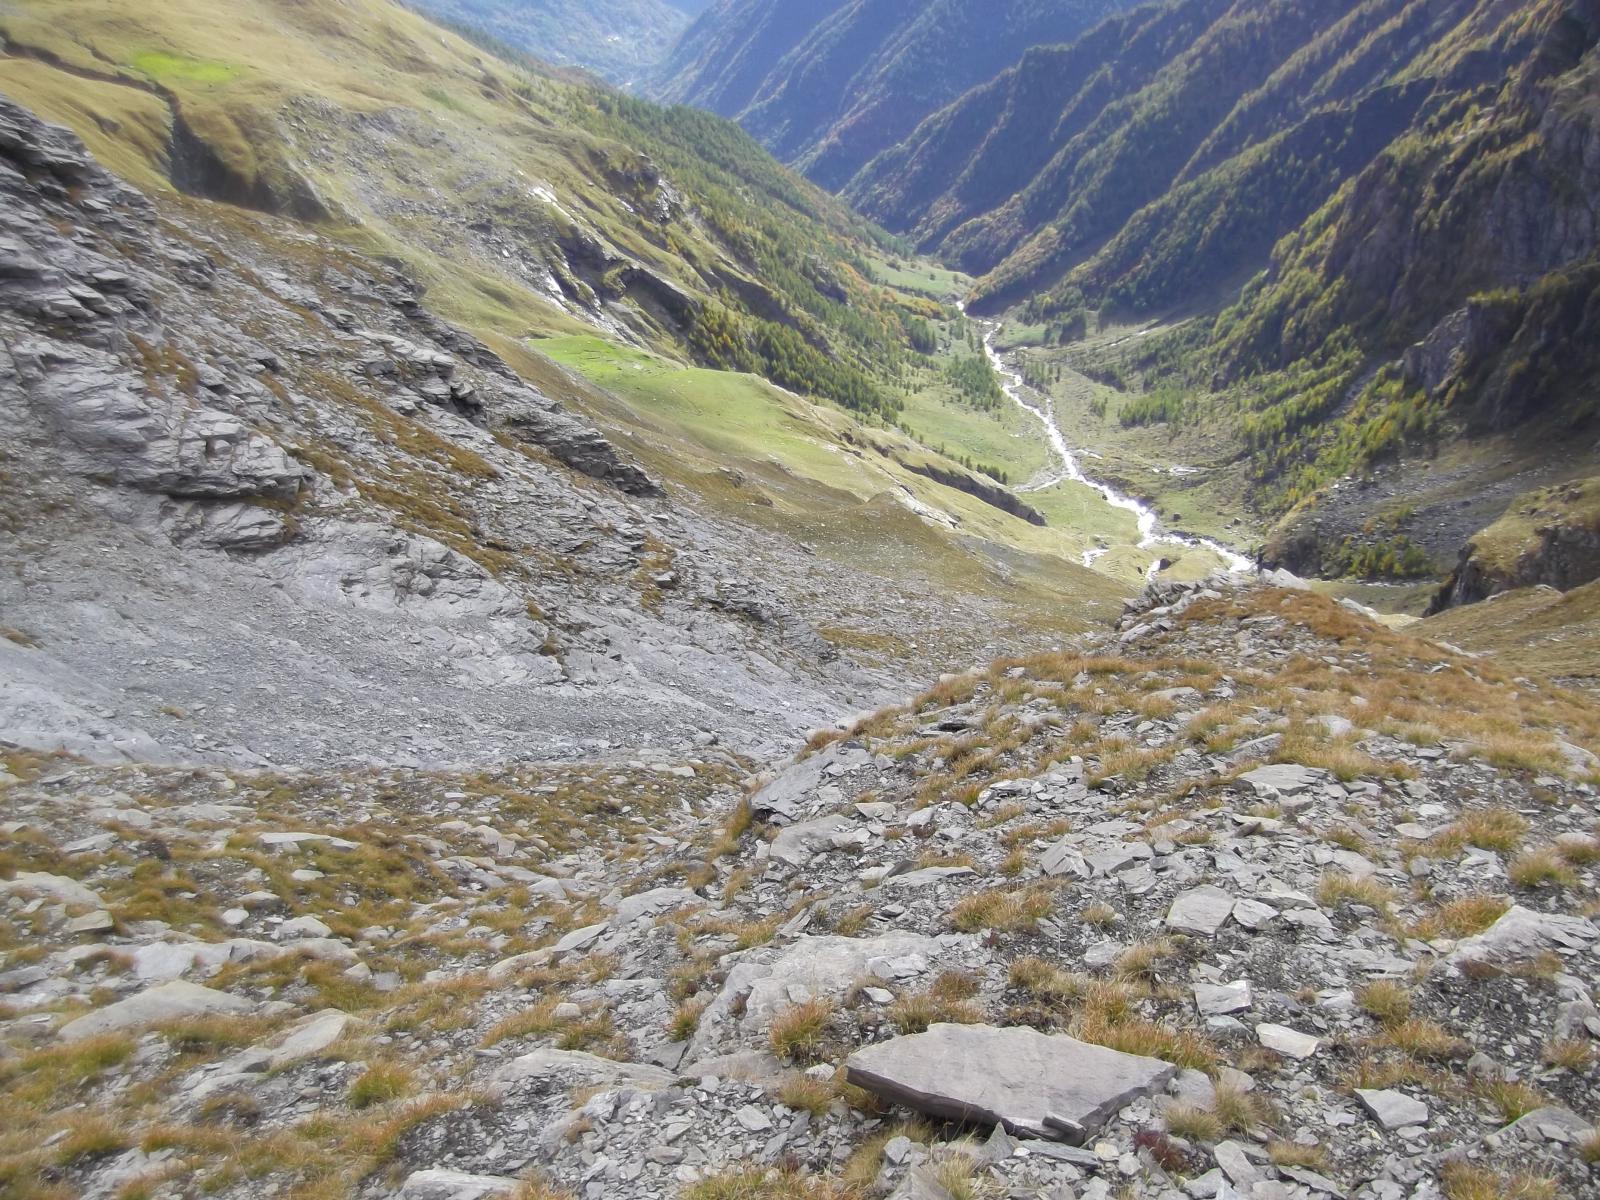 L'itinerario A di salita visto dall'alto